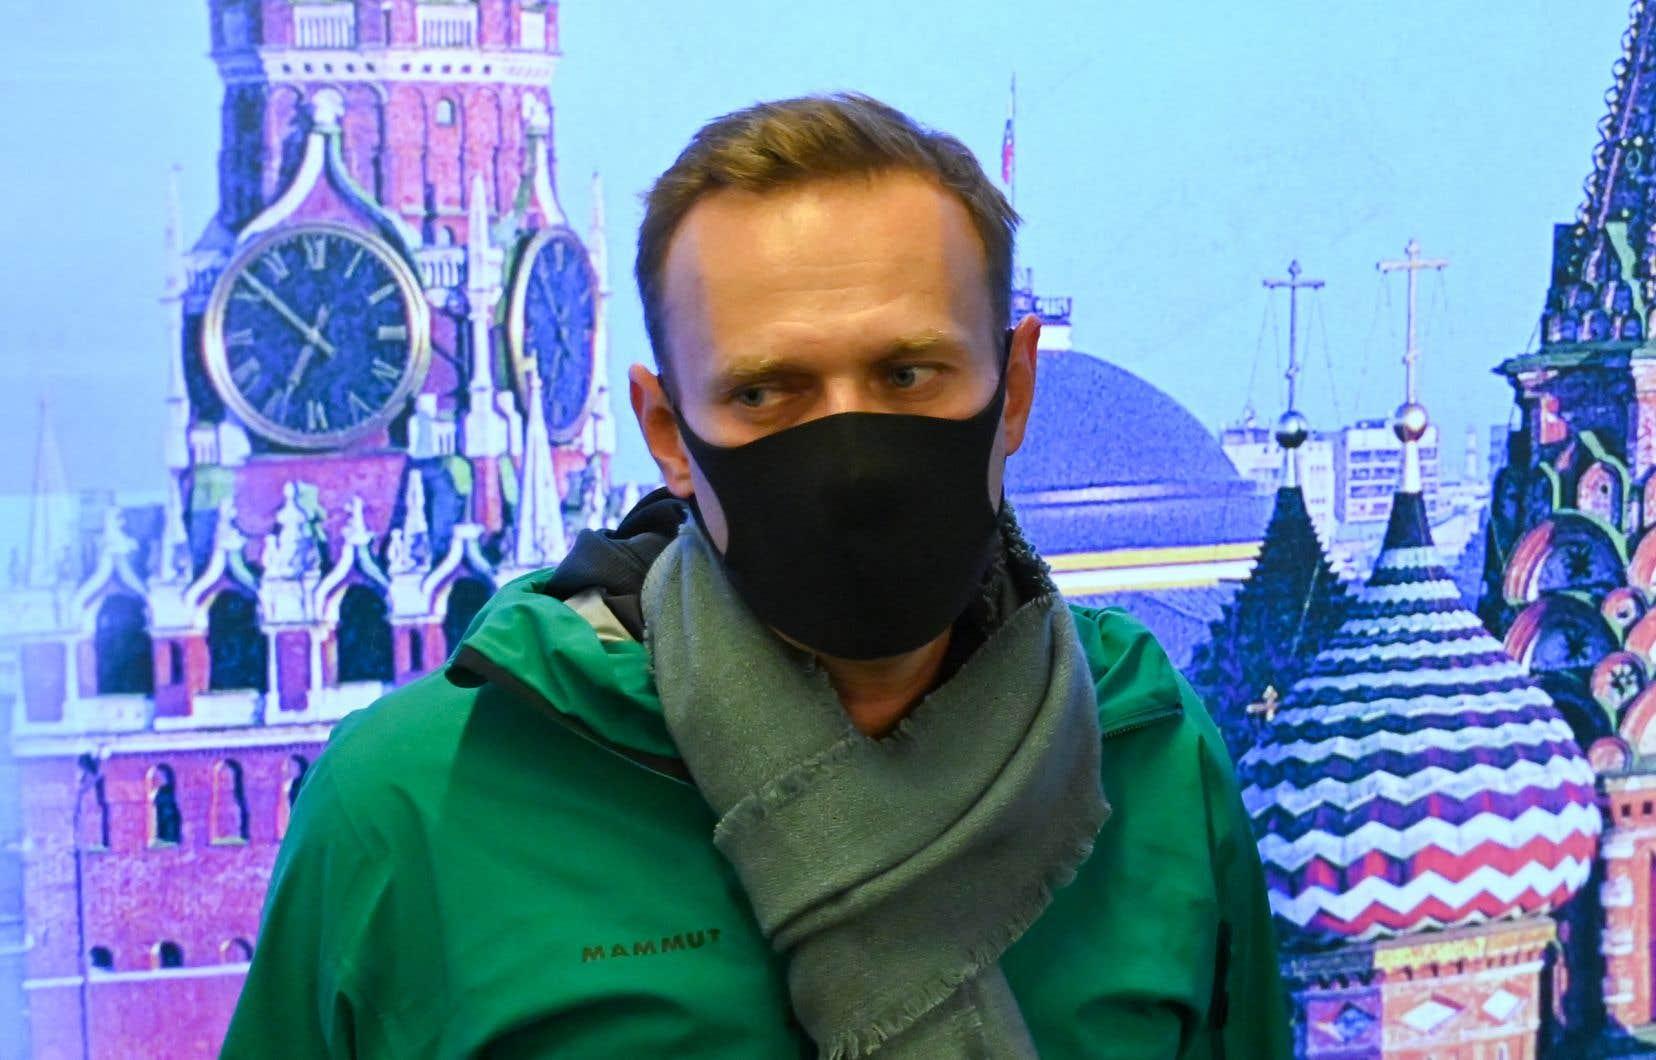 L'opposant russe Alexeï Navalny est en grève de la faim depuis trois semaines.